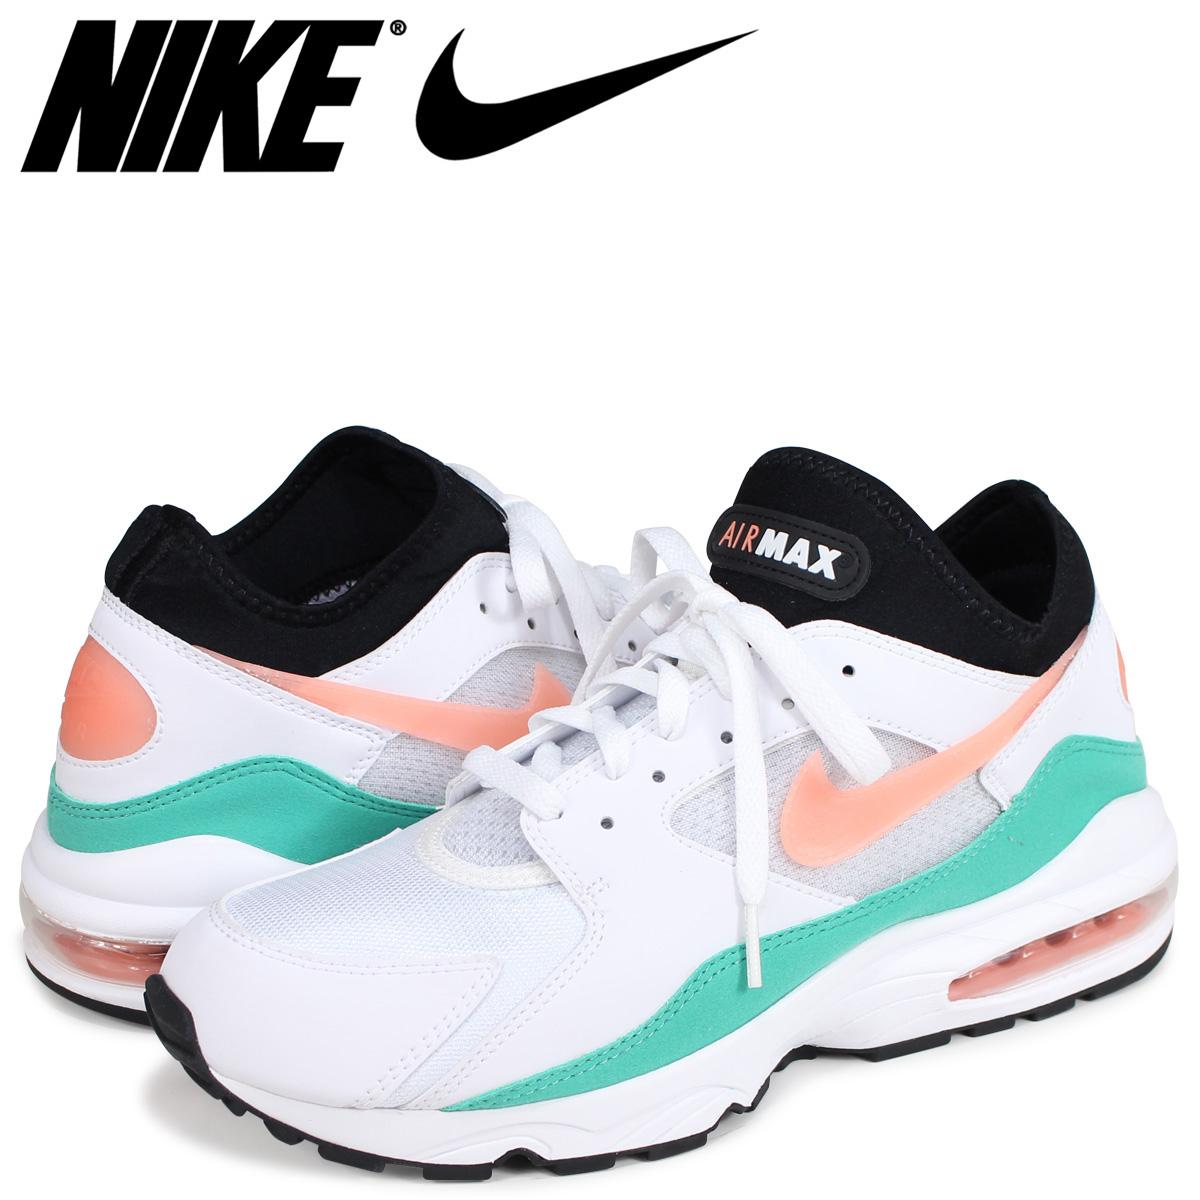 b2757e517c Nike NIKE Air Max 93 sneakers men AIR MAX 93 WATERMELON 306,551-105 white  ...